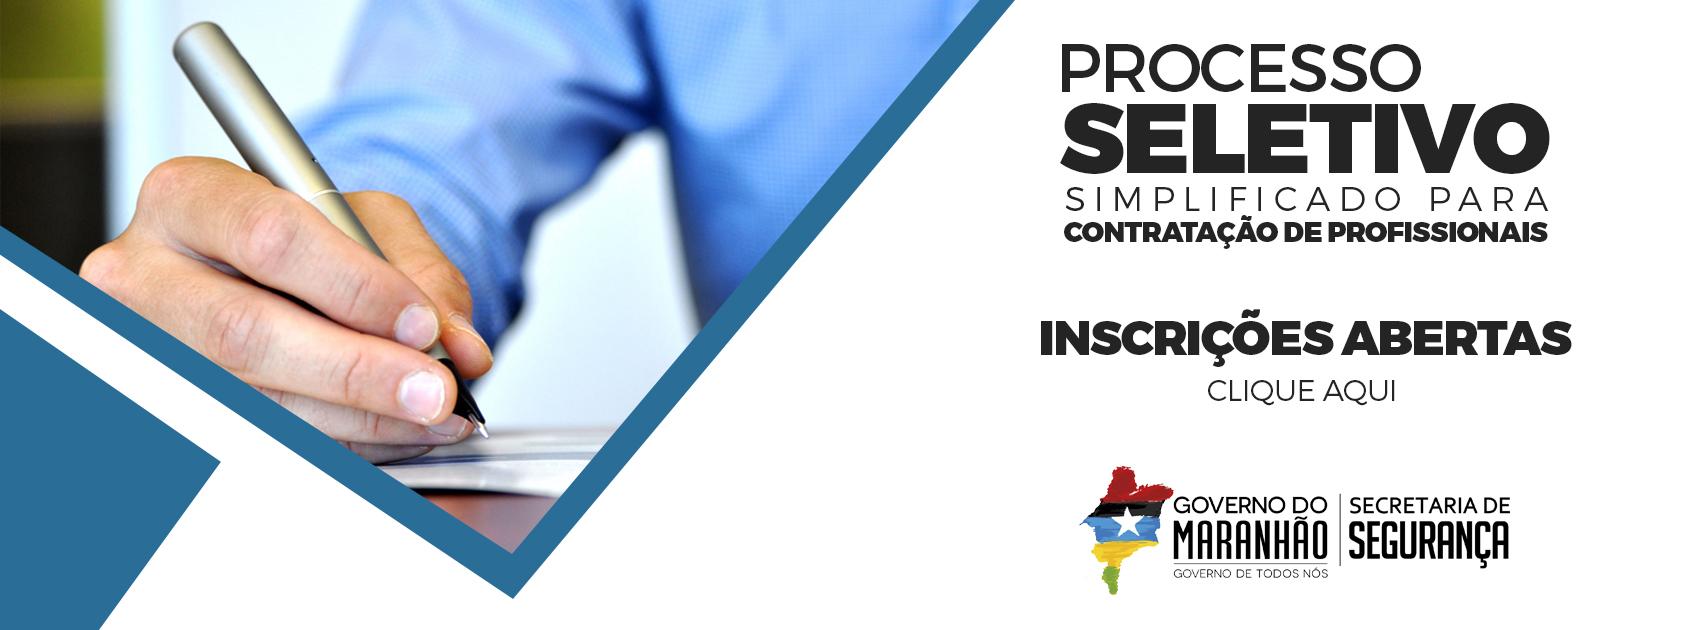 ssp-concurso-inscricoes-abertas